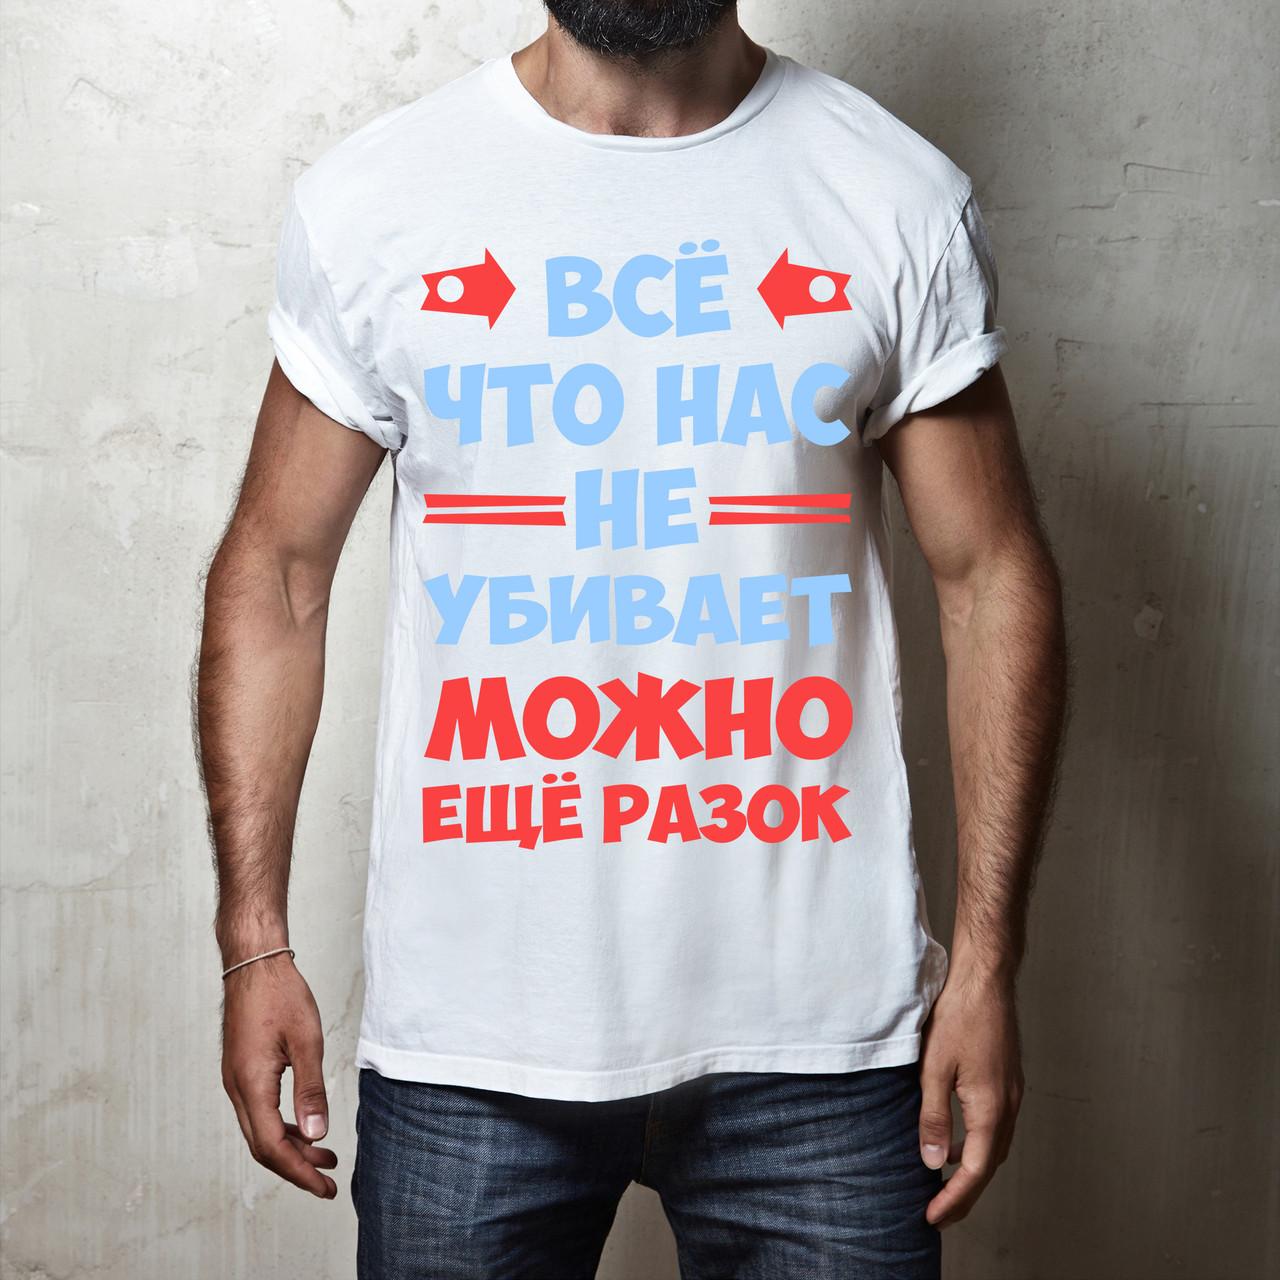 """Мужская футболка с принтом """"Всё, что нас не убивает можно ещё разок"""" Push IT"""